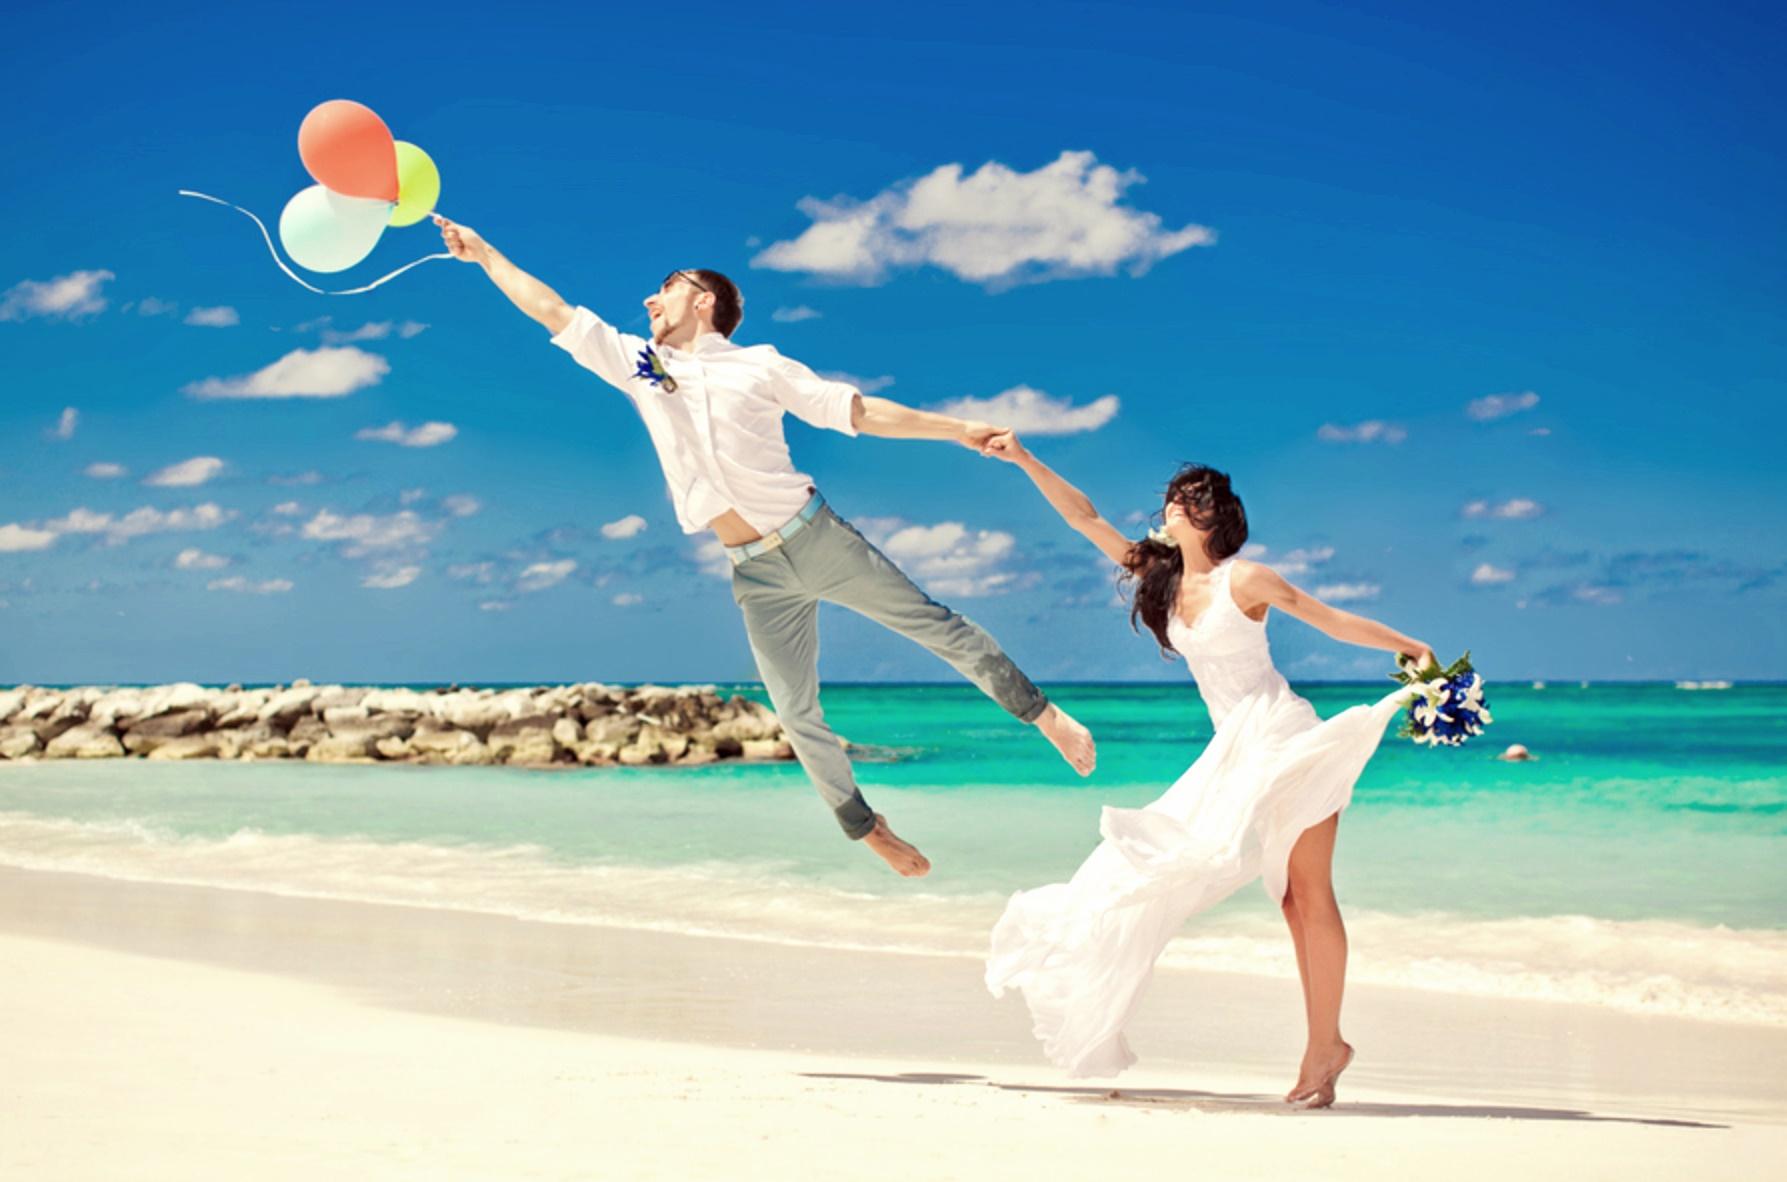 картинки на отдыхе свадьбы если питомец